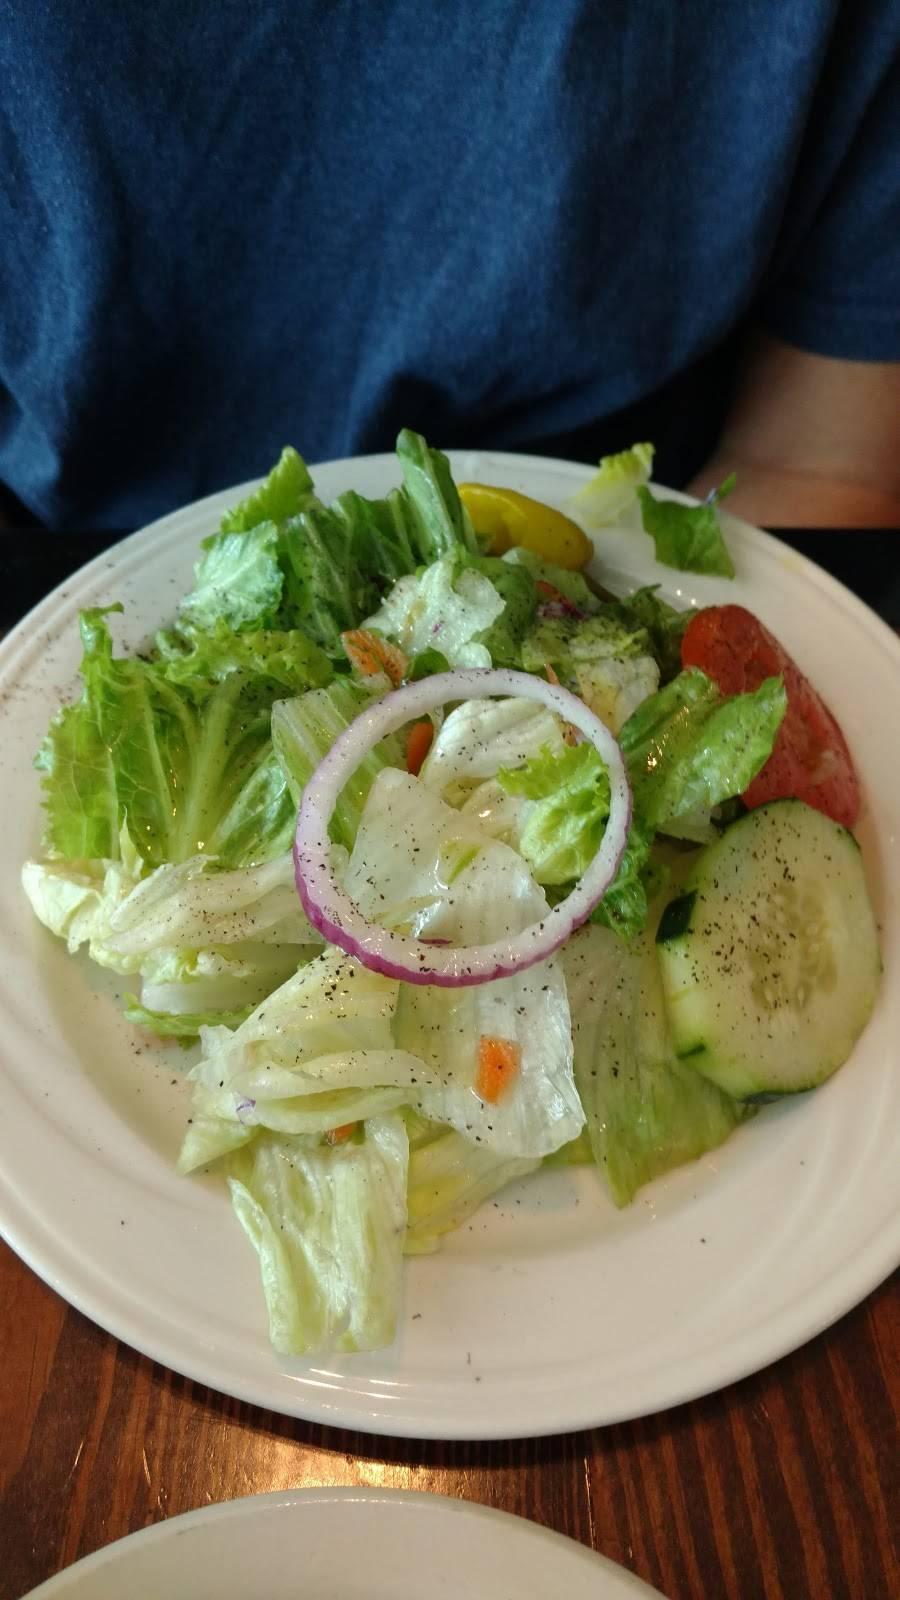 Vals Italian Restaurant & Pizza   restaurant   210 E Main St, Kilgore, TX 75662, USA   9032180621 OR +1 903-218-0621